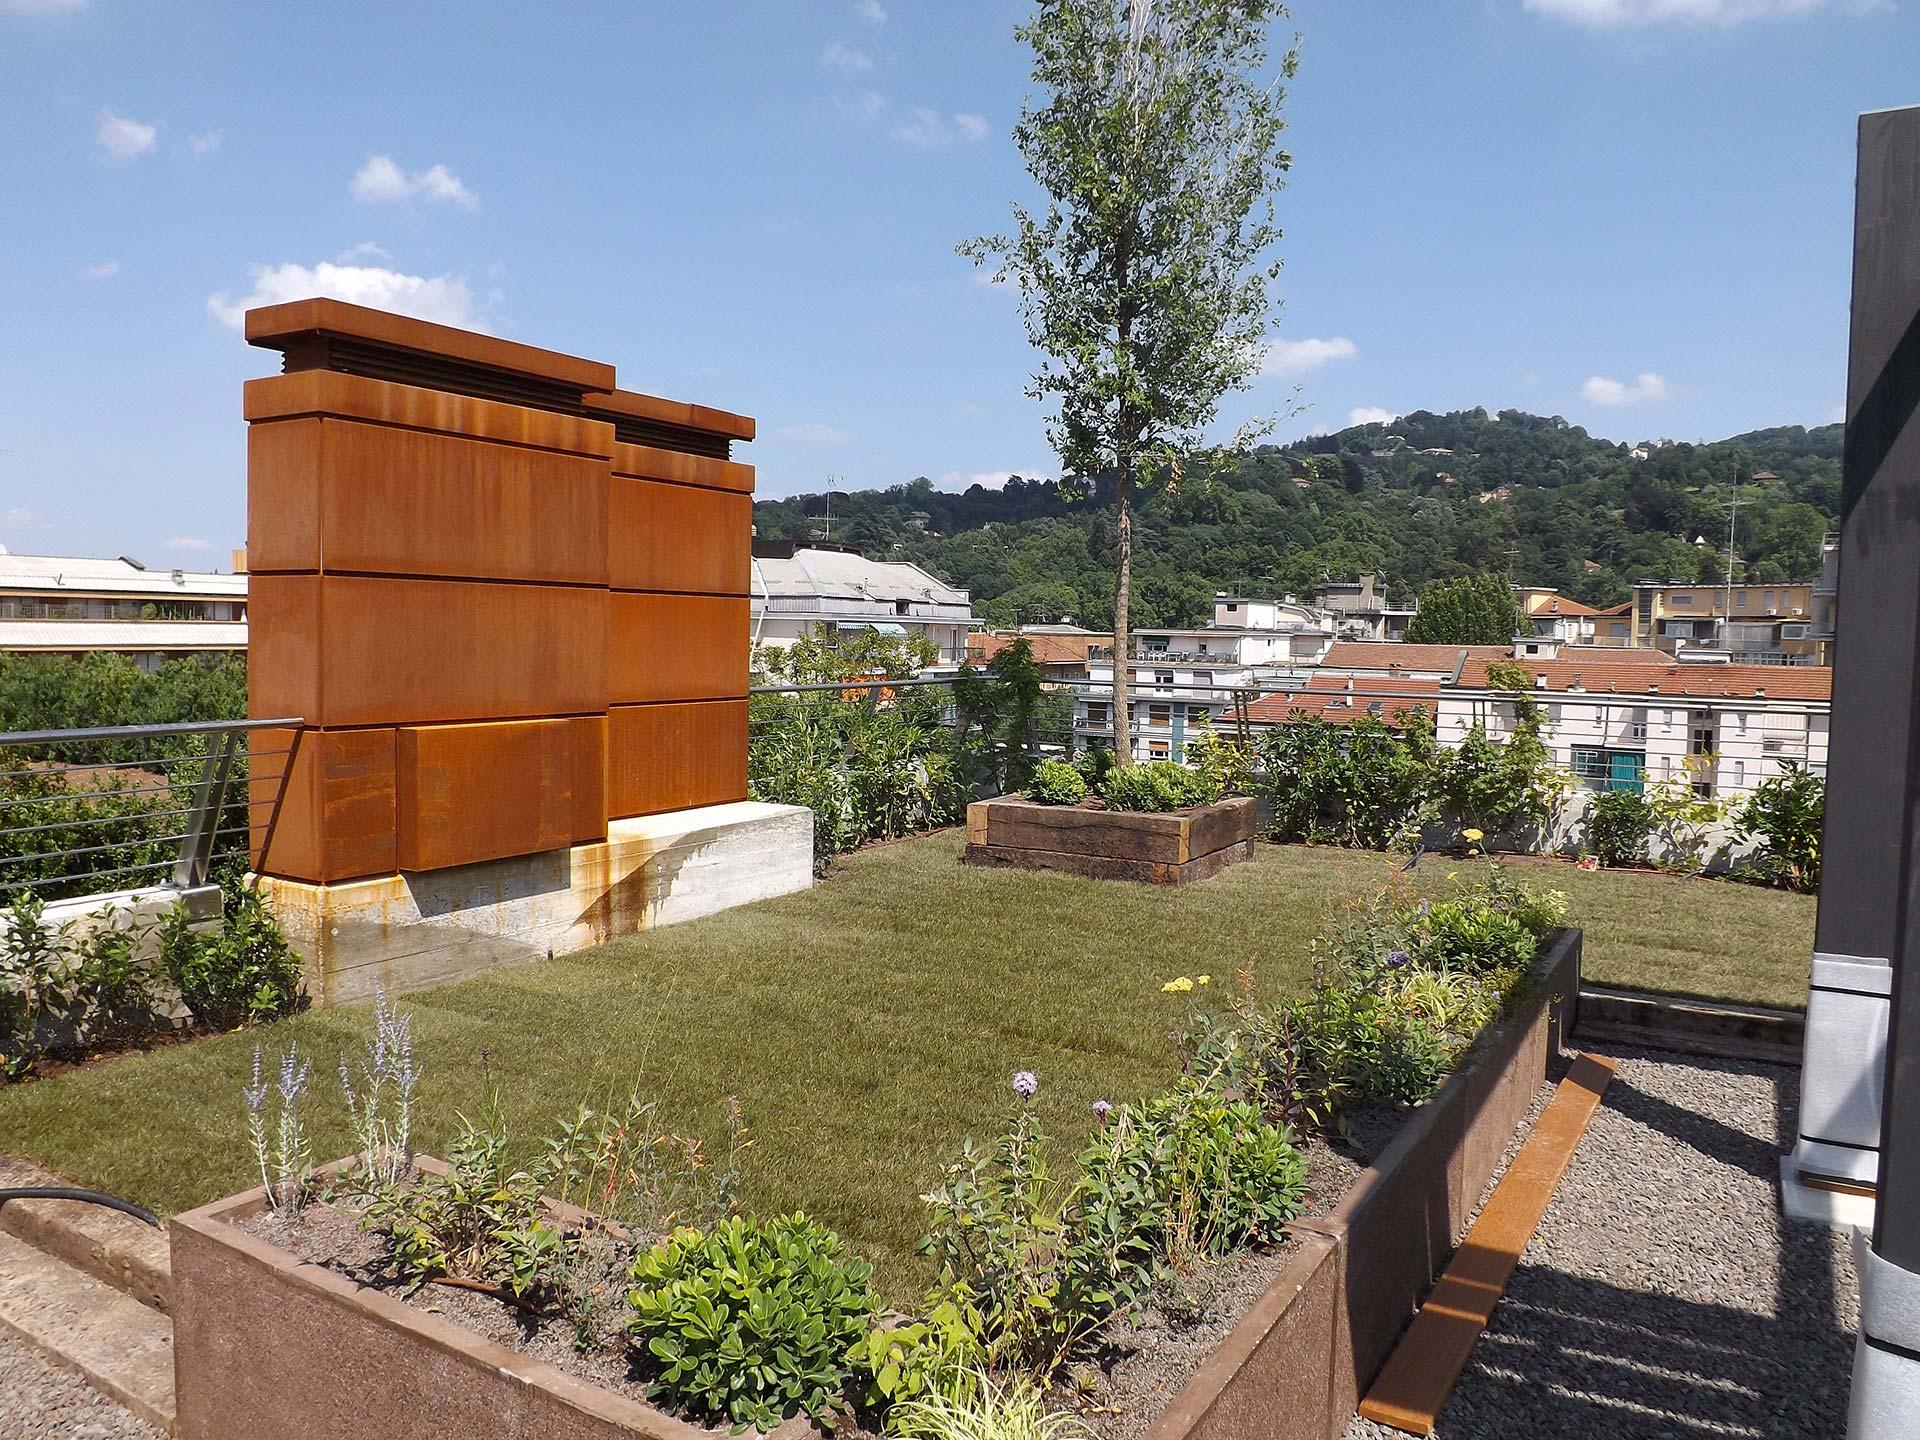 Terrazzi - Il Giardiniere: terrazzi, irrigazione, potatura